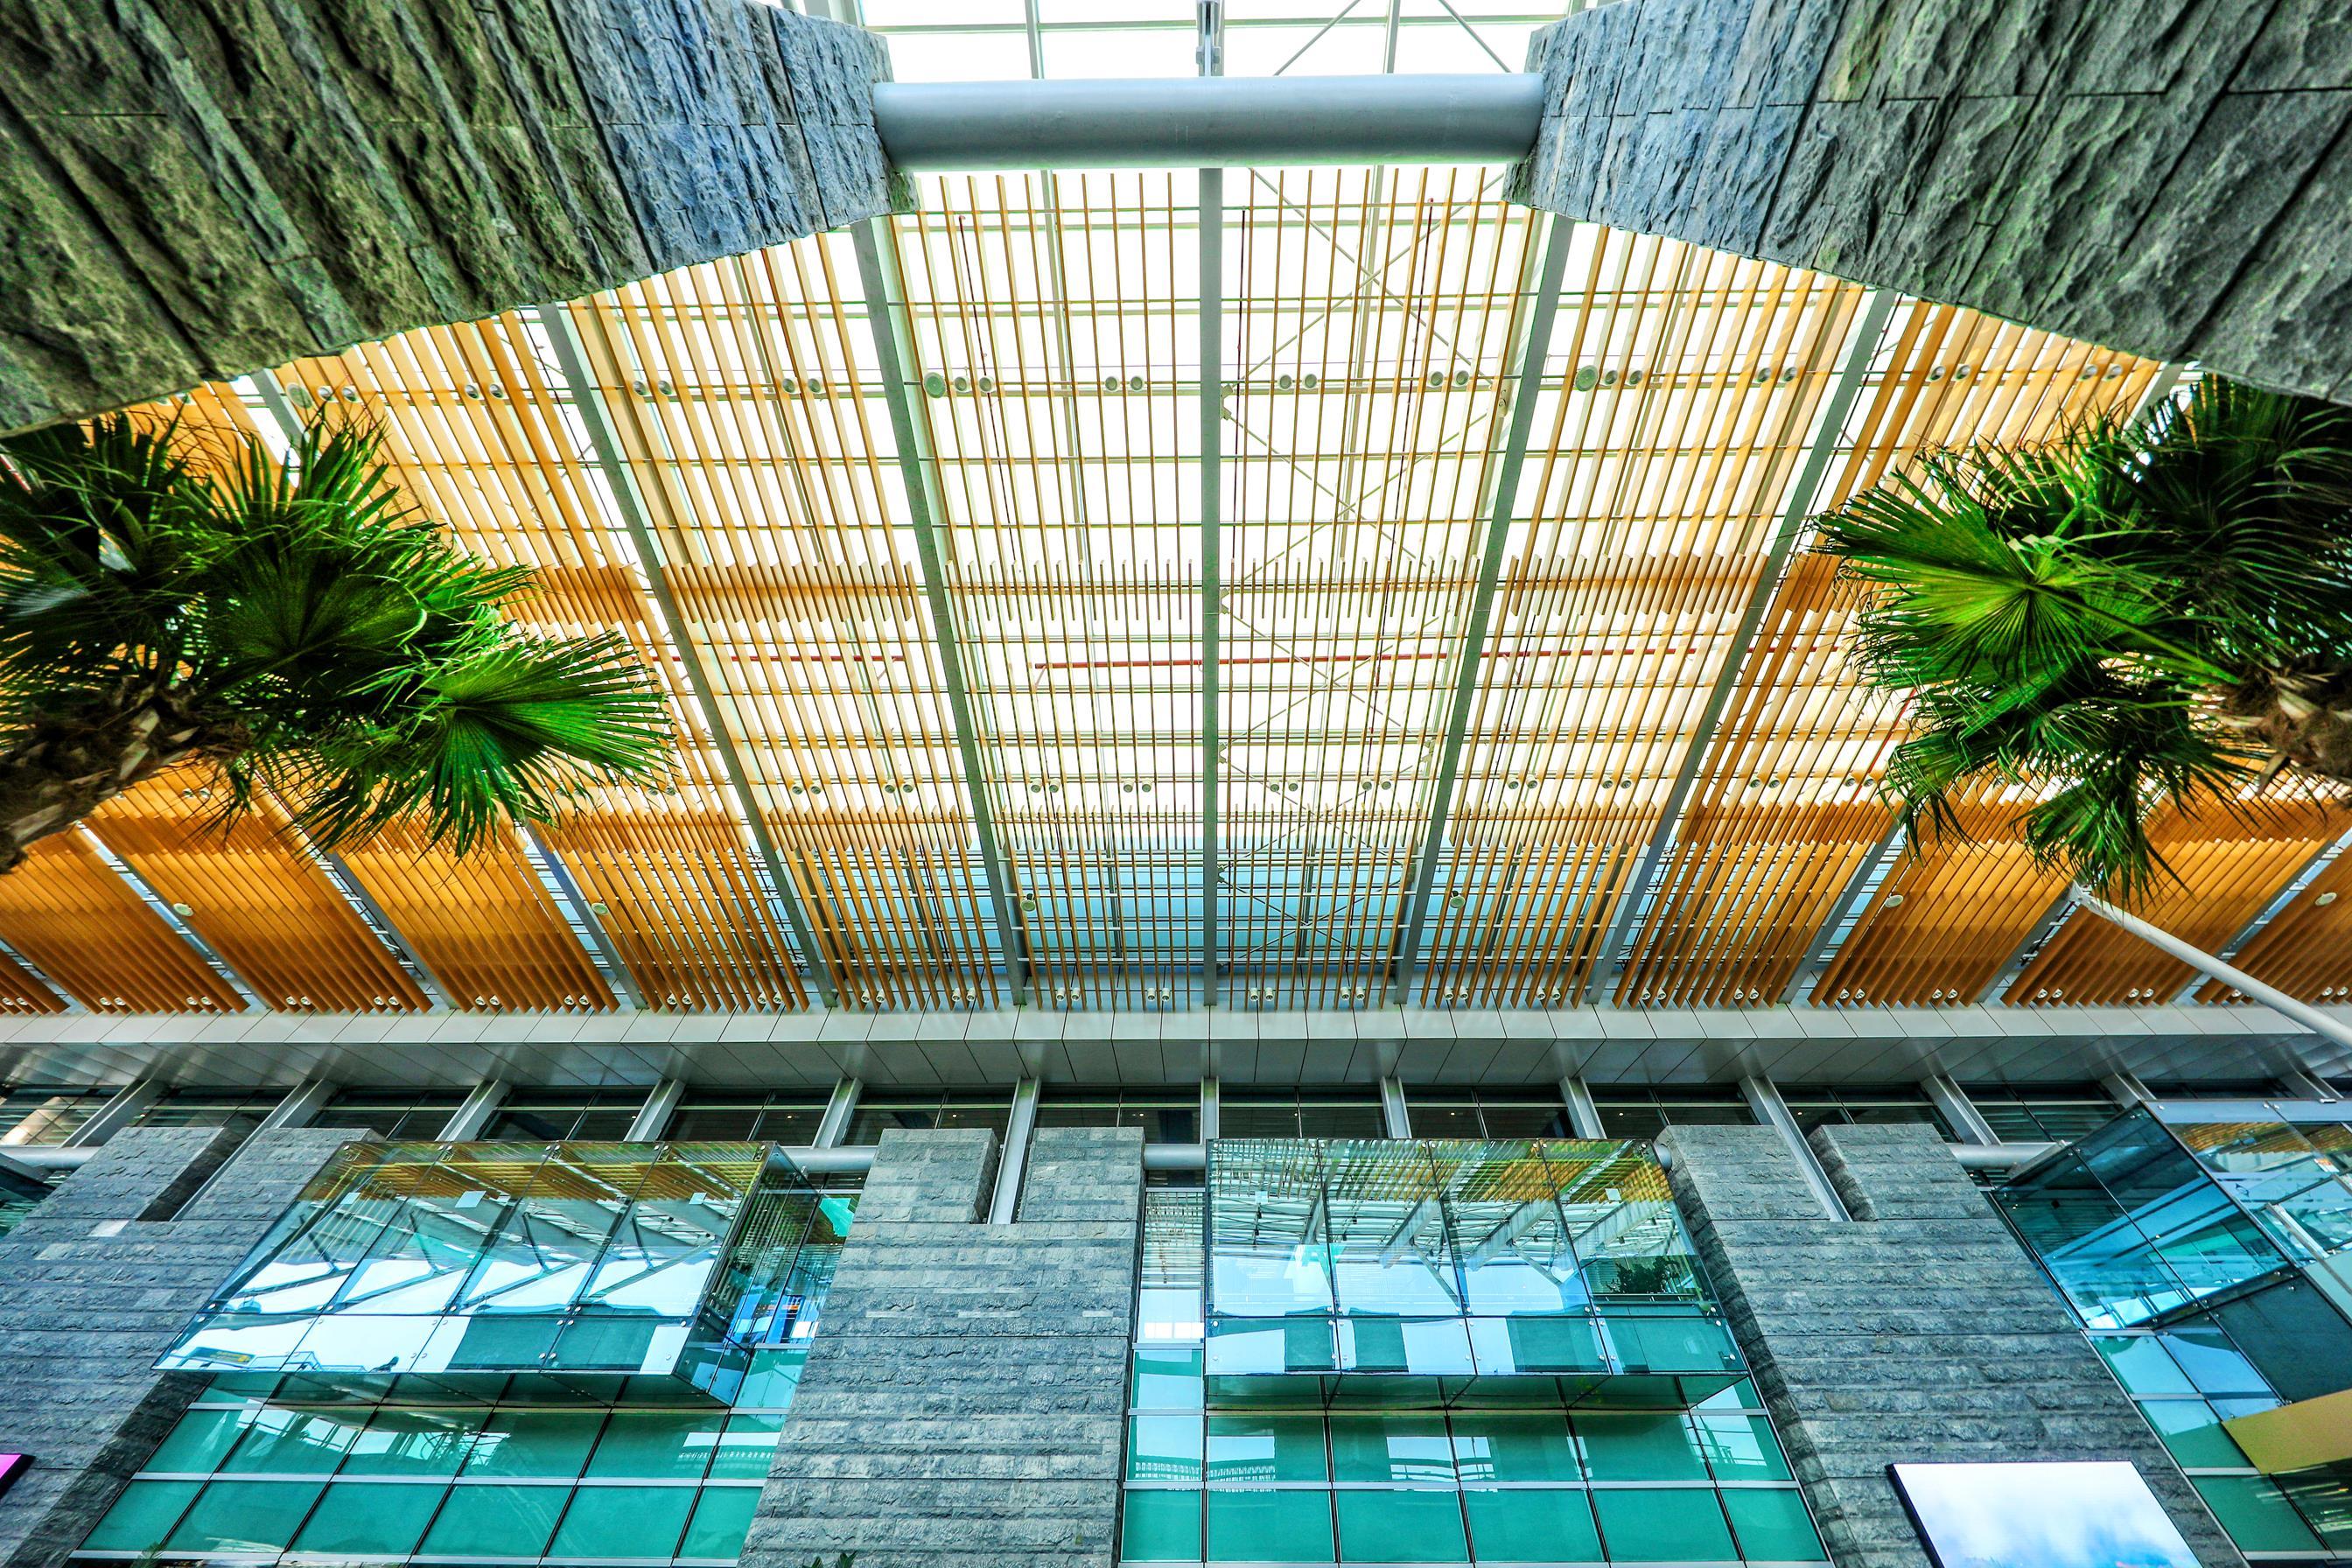 """Khám phá không gian """"resort"""" tại Sân bay khu vực hàng đầu Châu Á 2020 9"""